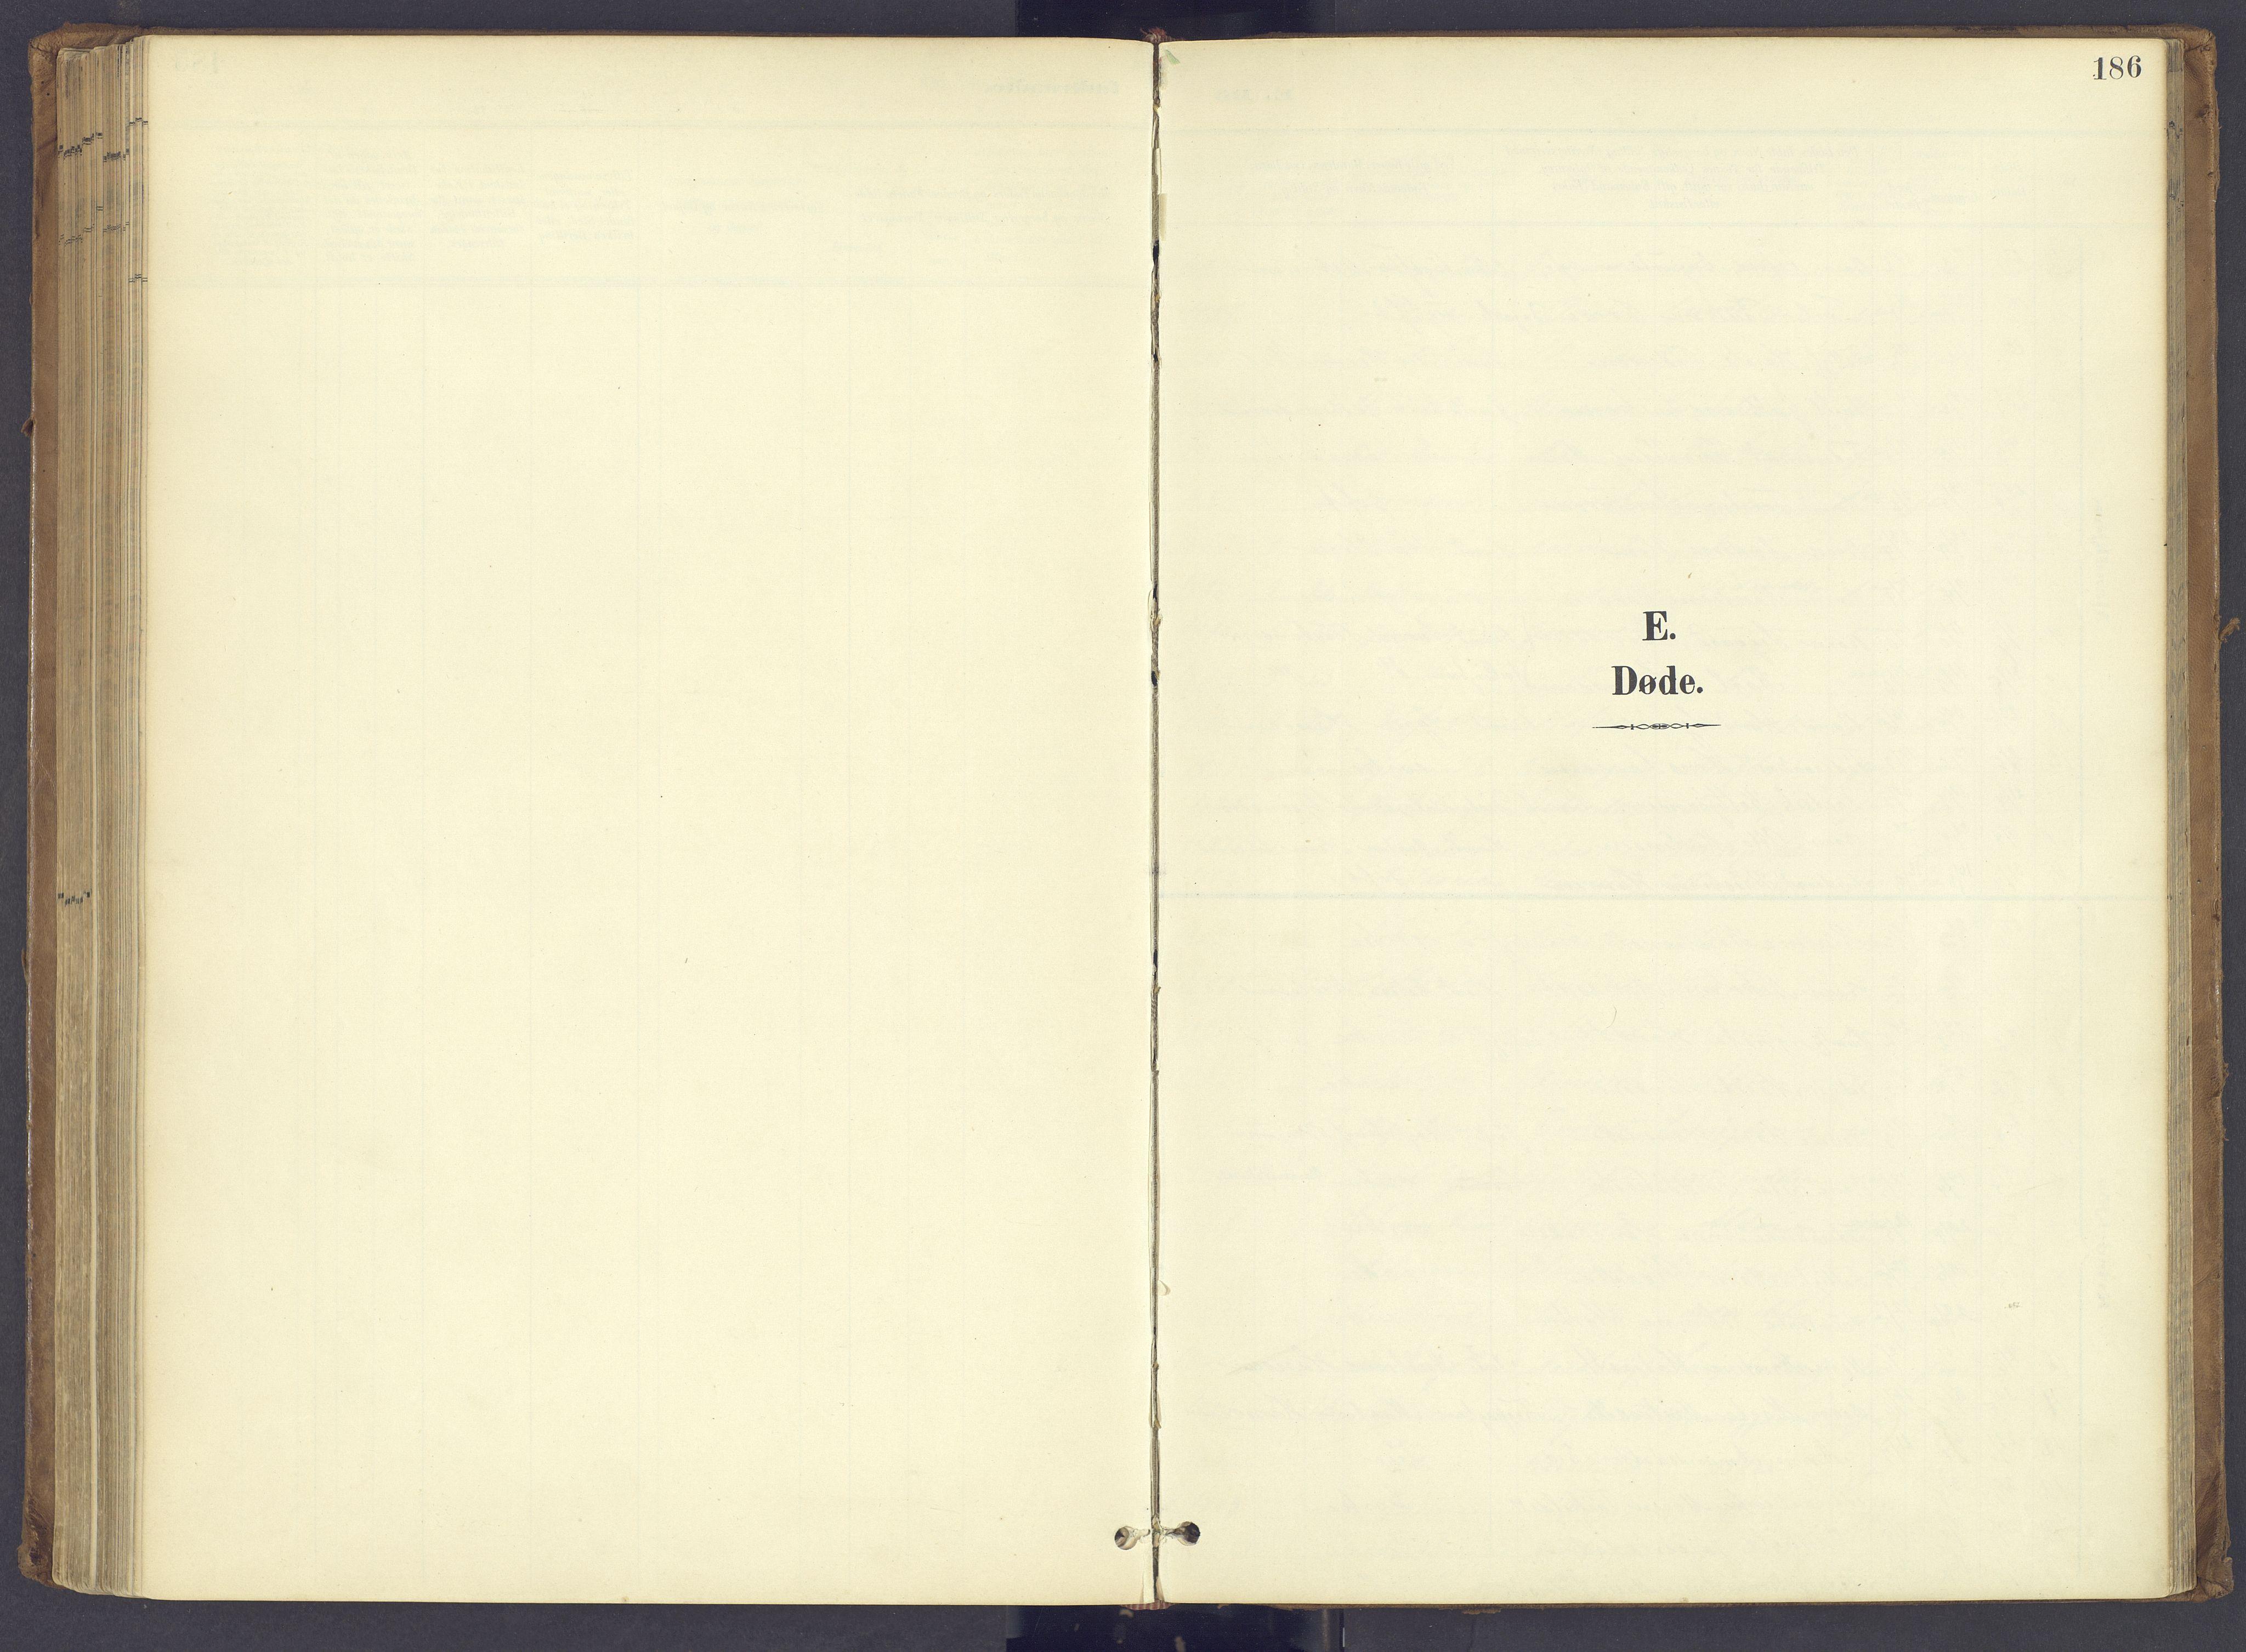 SAH, Søndre Land prestekontor, K/L0006: Ministerialbok nr. 6, 1895-1904, s. 186